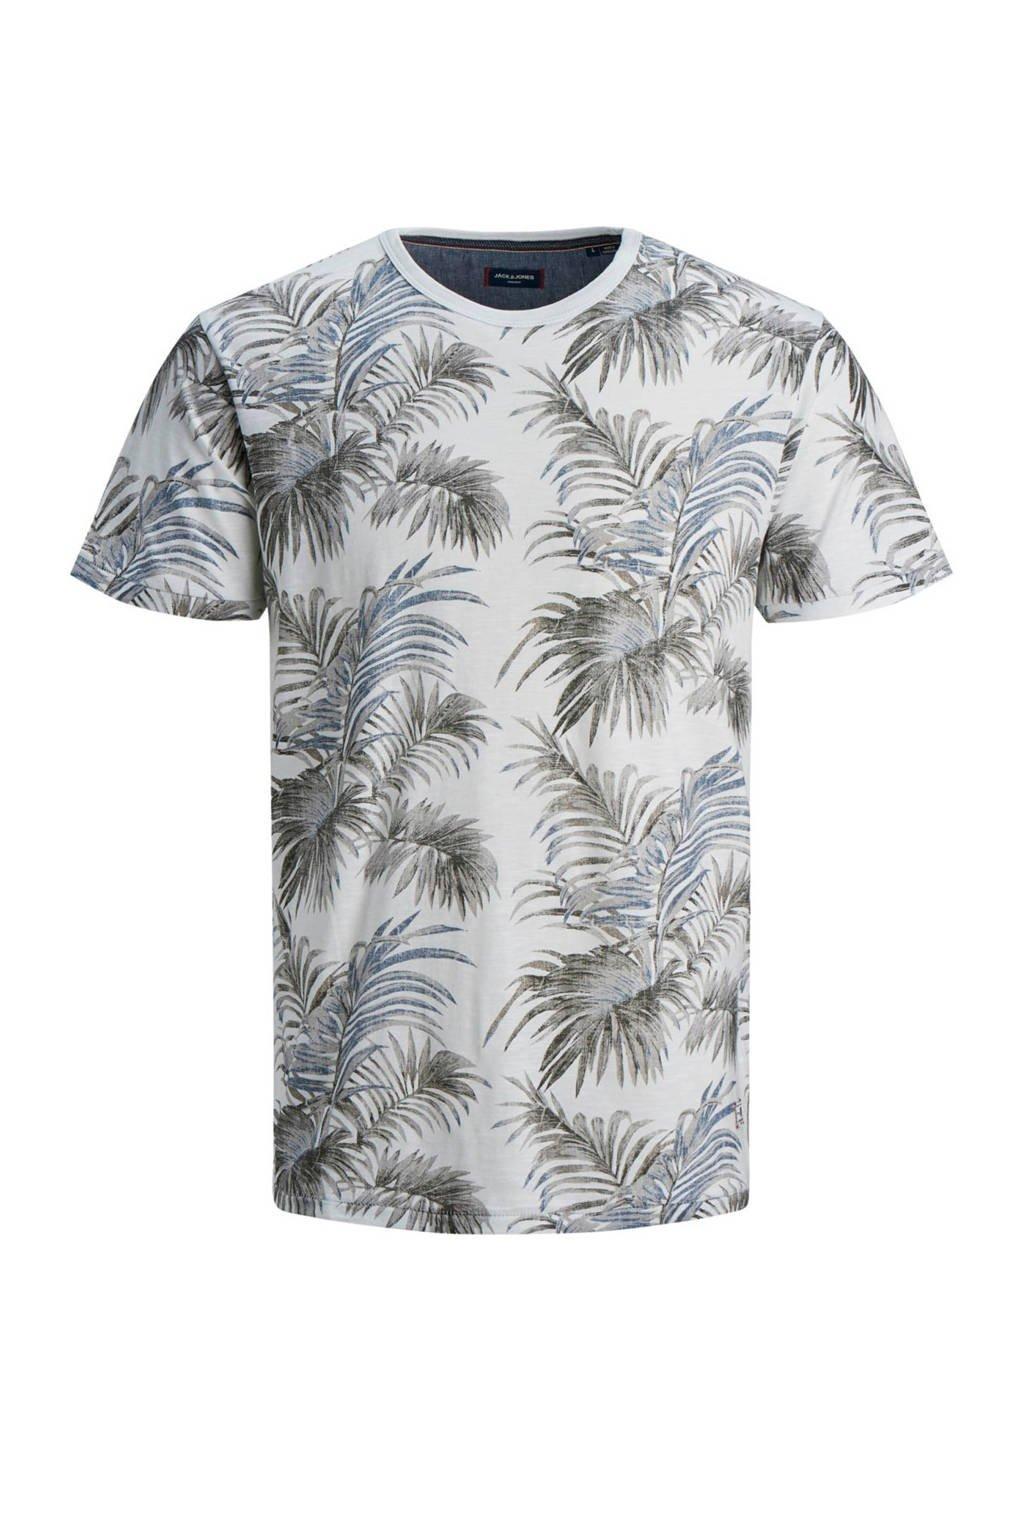 JACK & JONES JUNIOR T-shirt Max met all over print antraciet/blauw, Antraciet/blauw